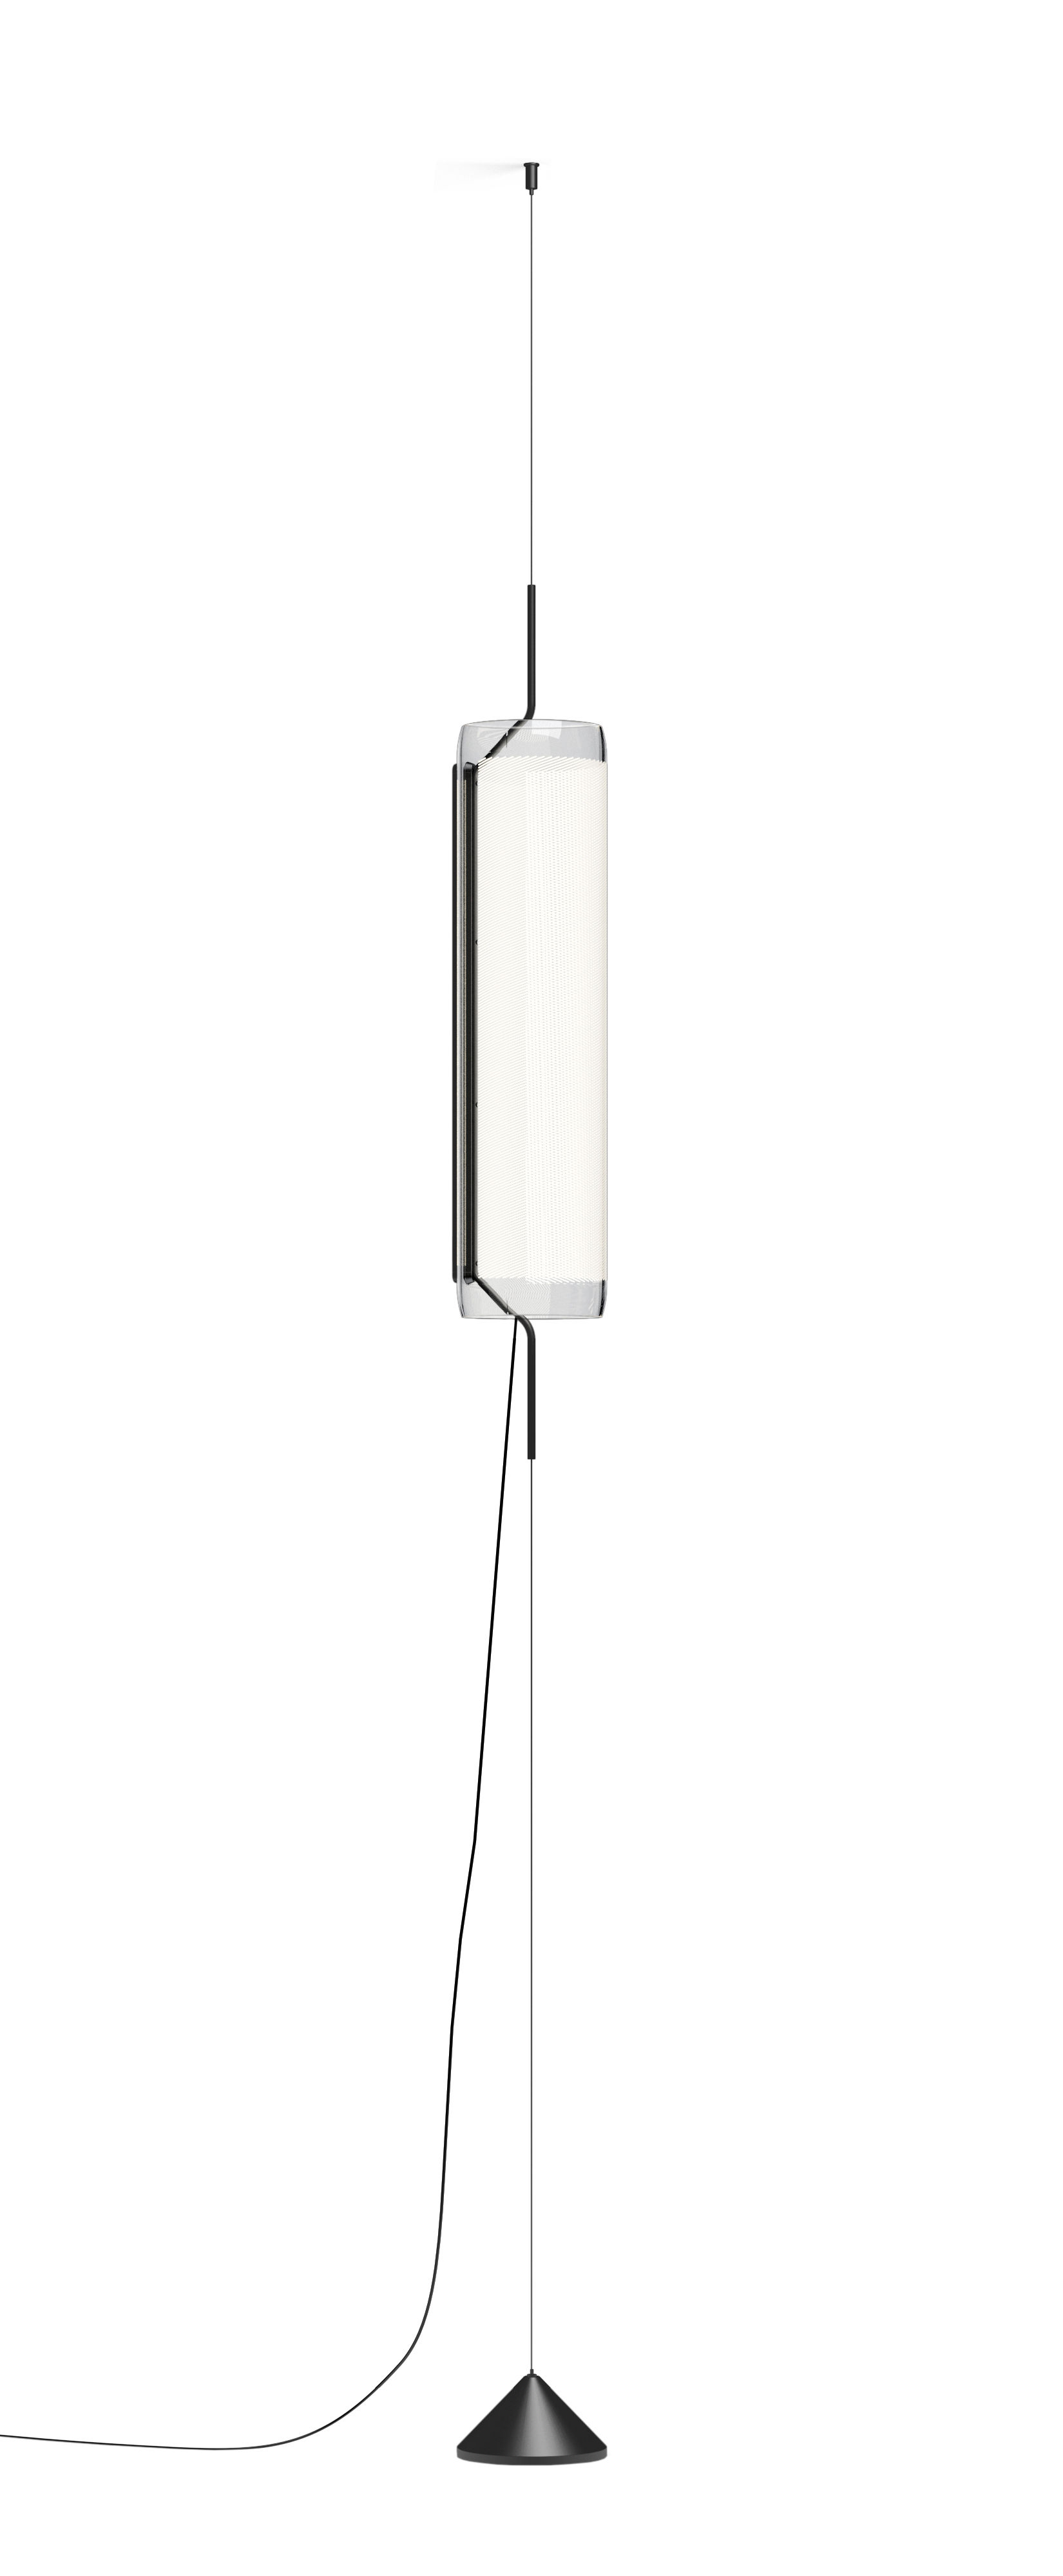 Illuminazione - Lampadari - Sospensione Guise - / Diffusore verticale - LED di Vibia - Laccato grafite opaco - Alluminio, Vetro borosilicato